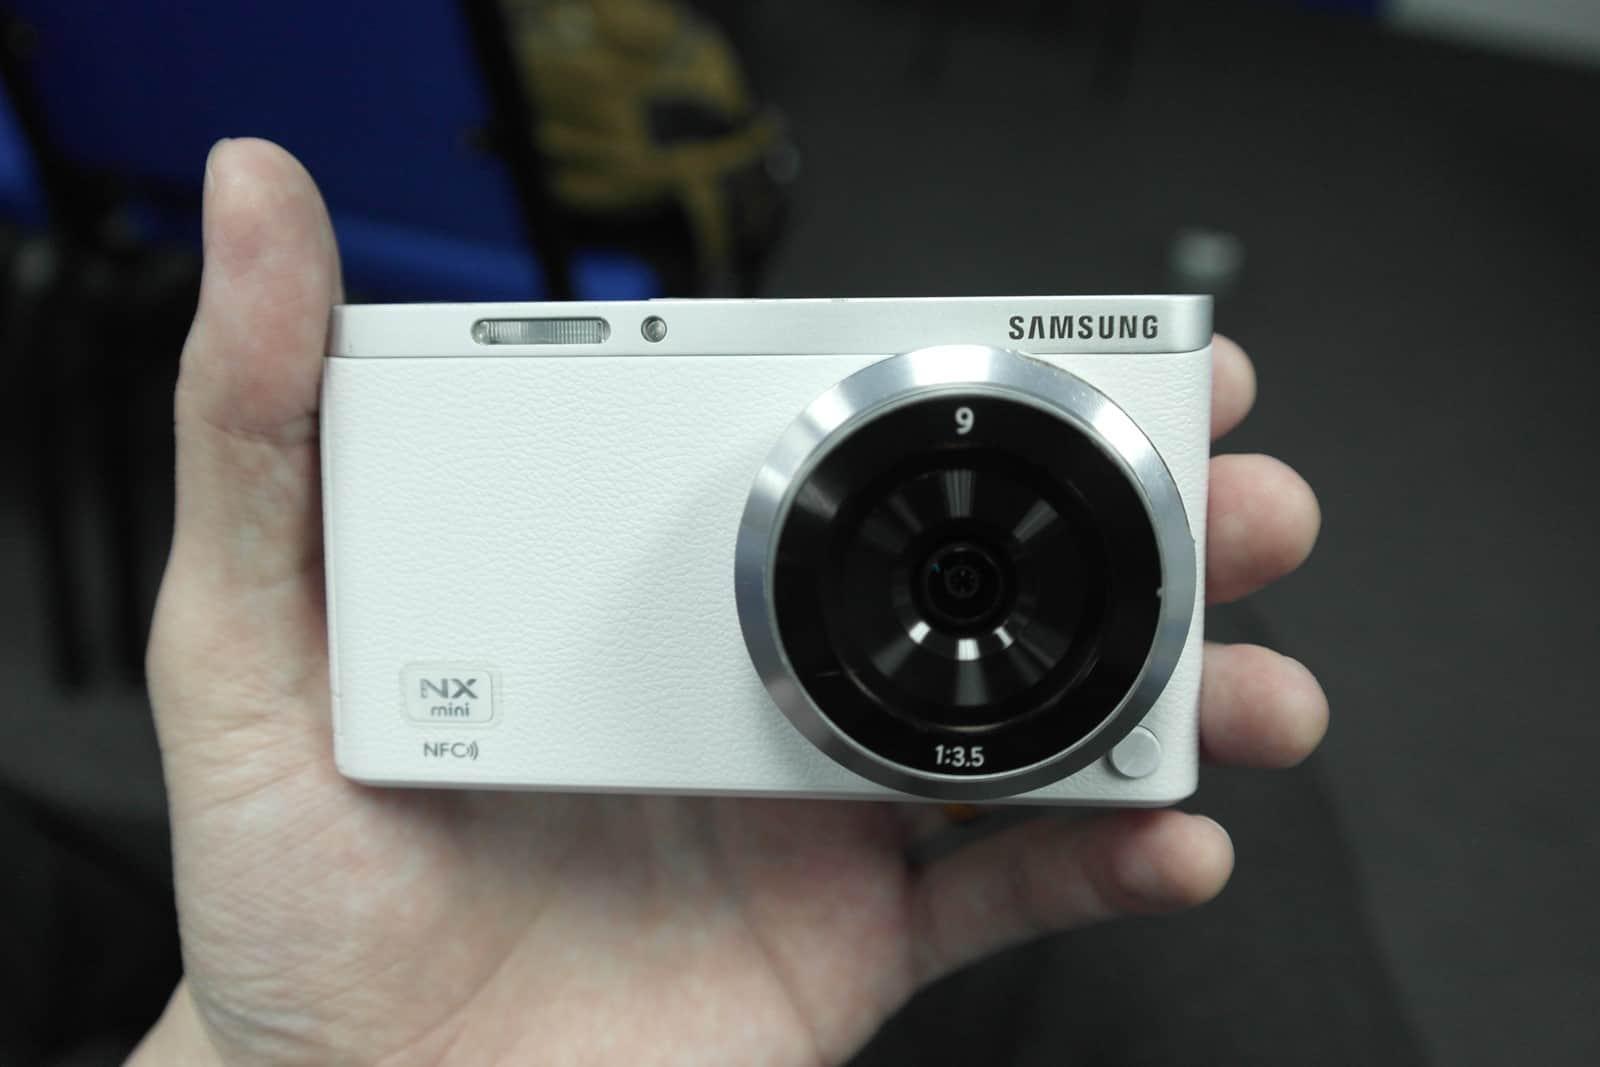 samsung-nx-mini-1